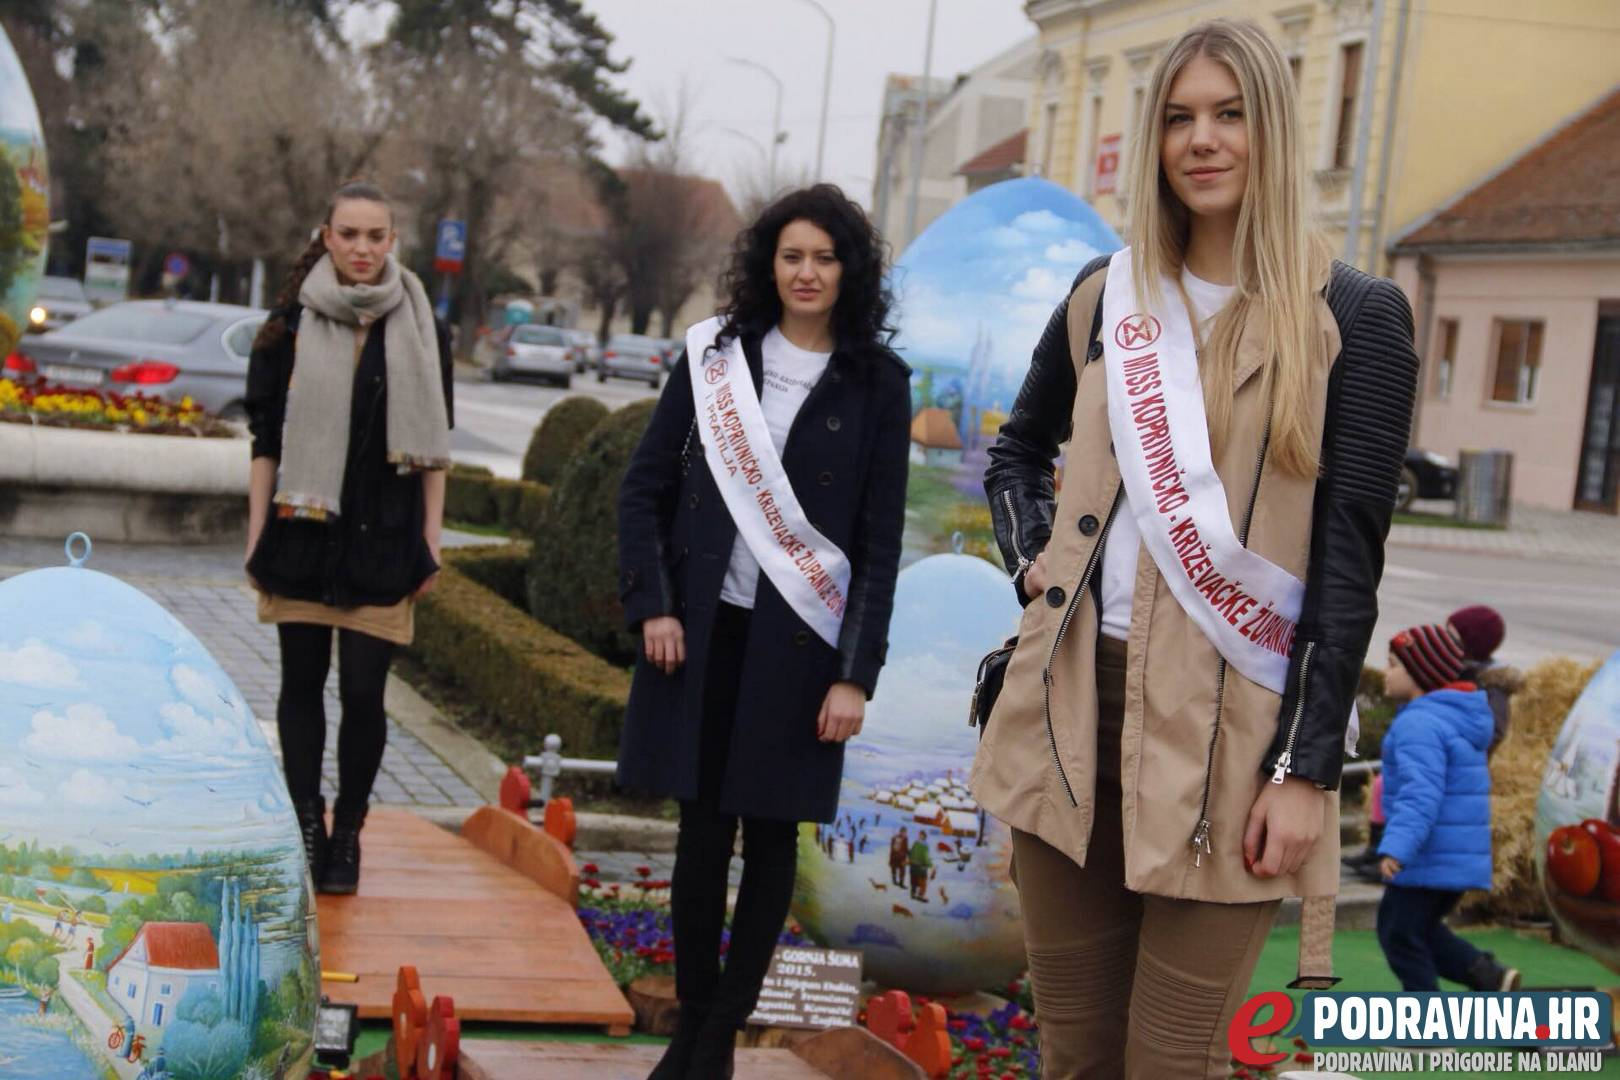 Druženje s građanima // Foto: Mario Kos